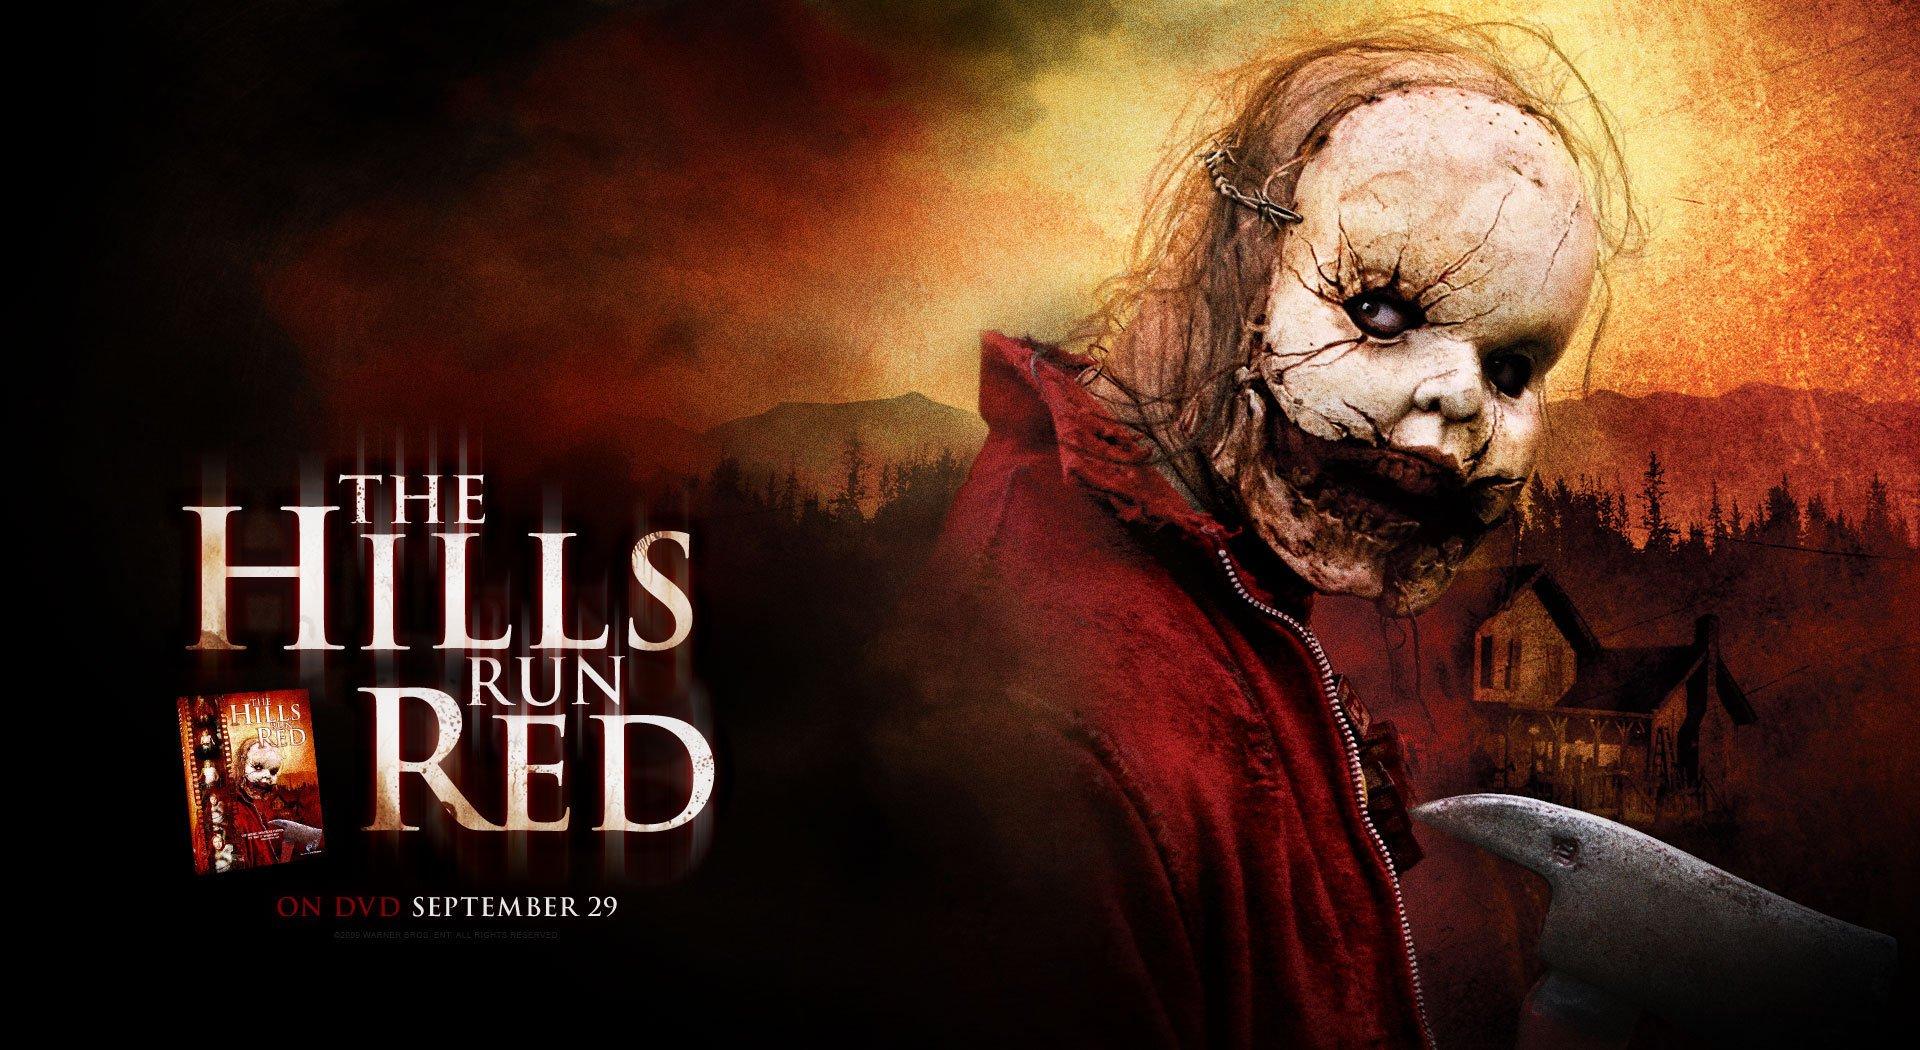 HILLS RUN RED horror thriller dark evil killer 1hillsred mask ...